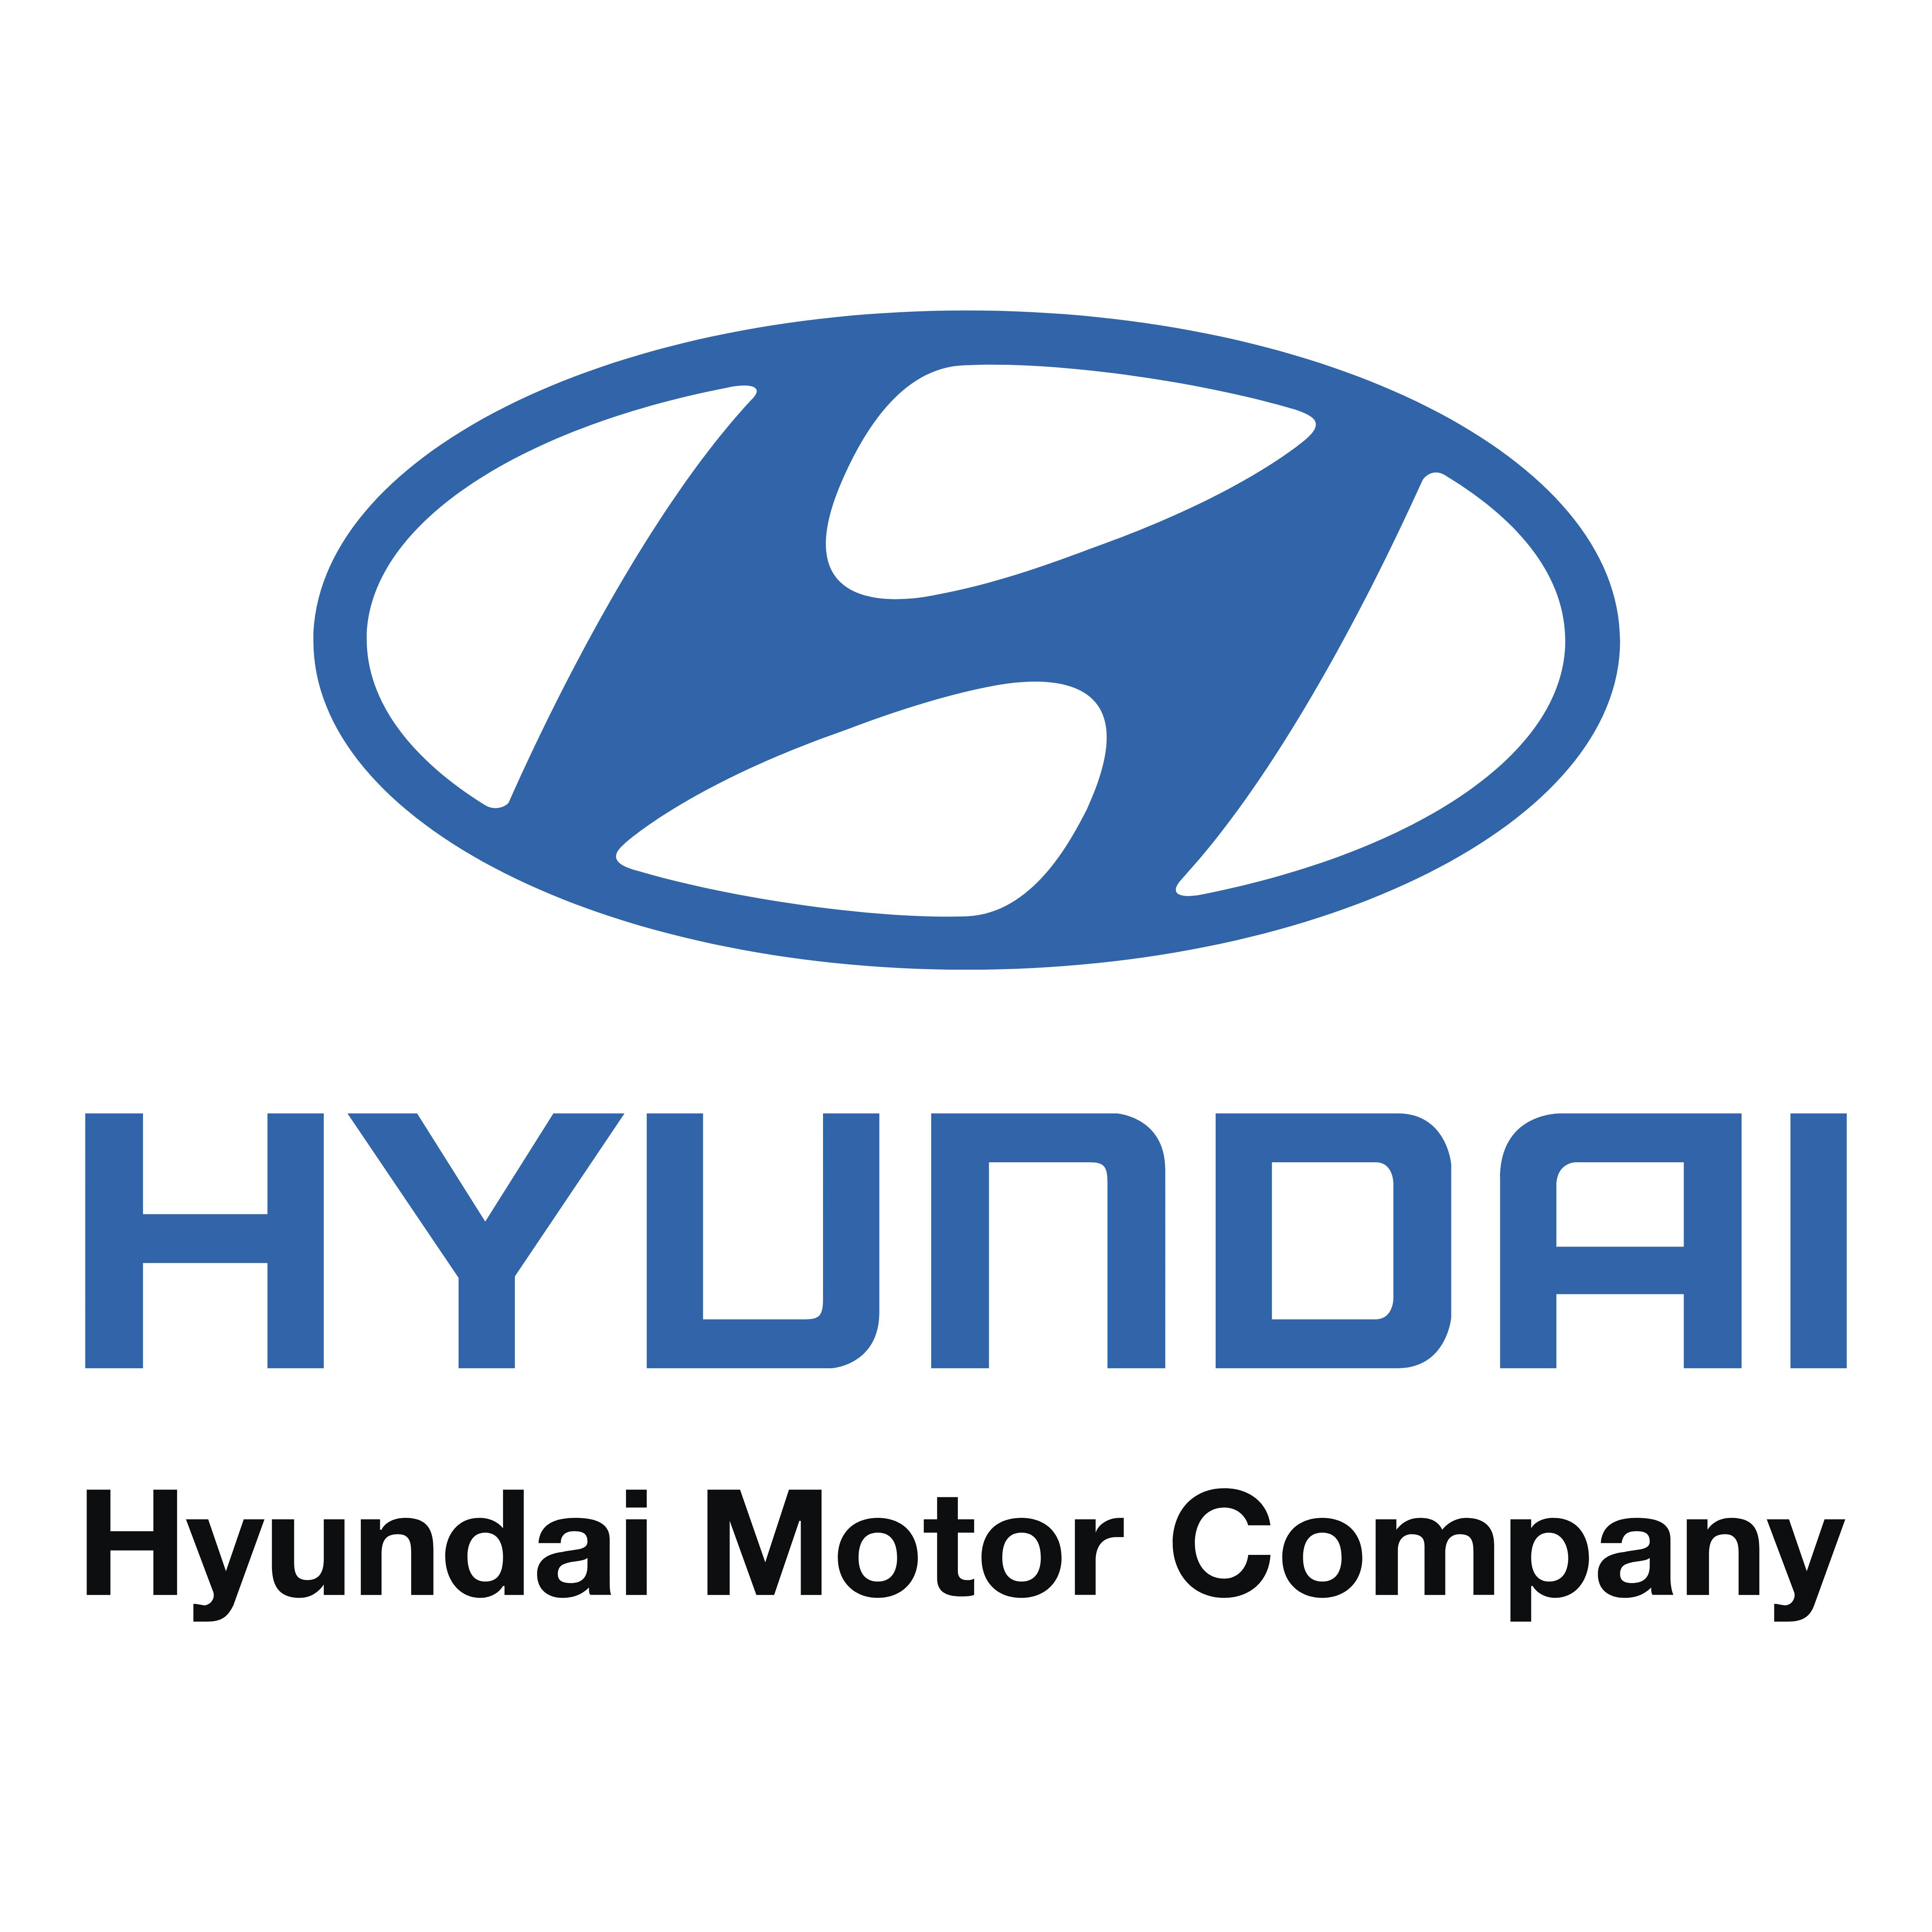 hyundai � logos download